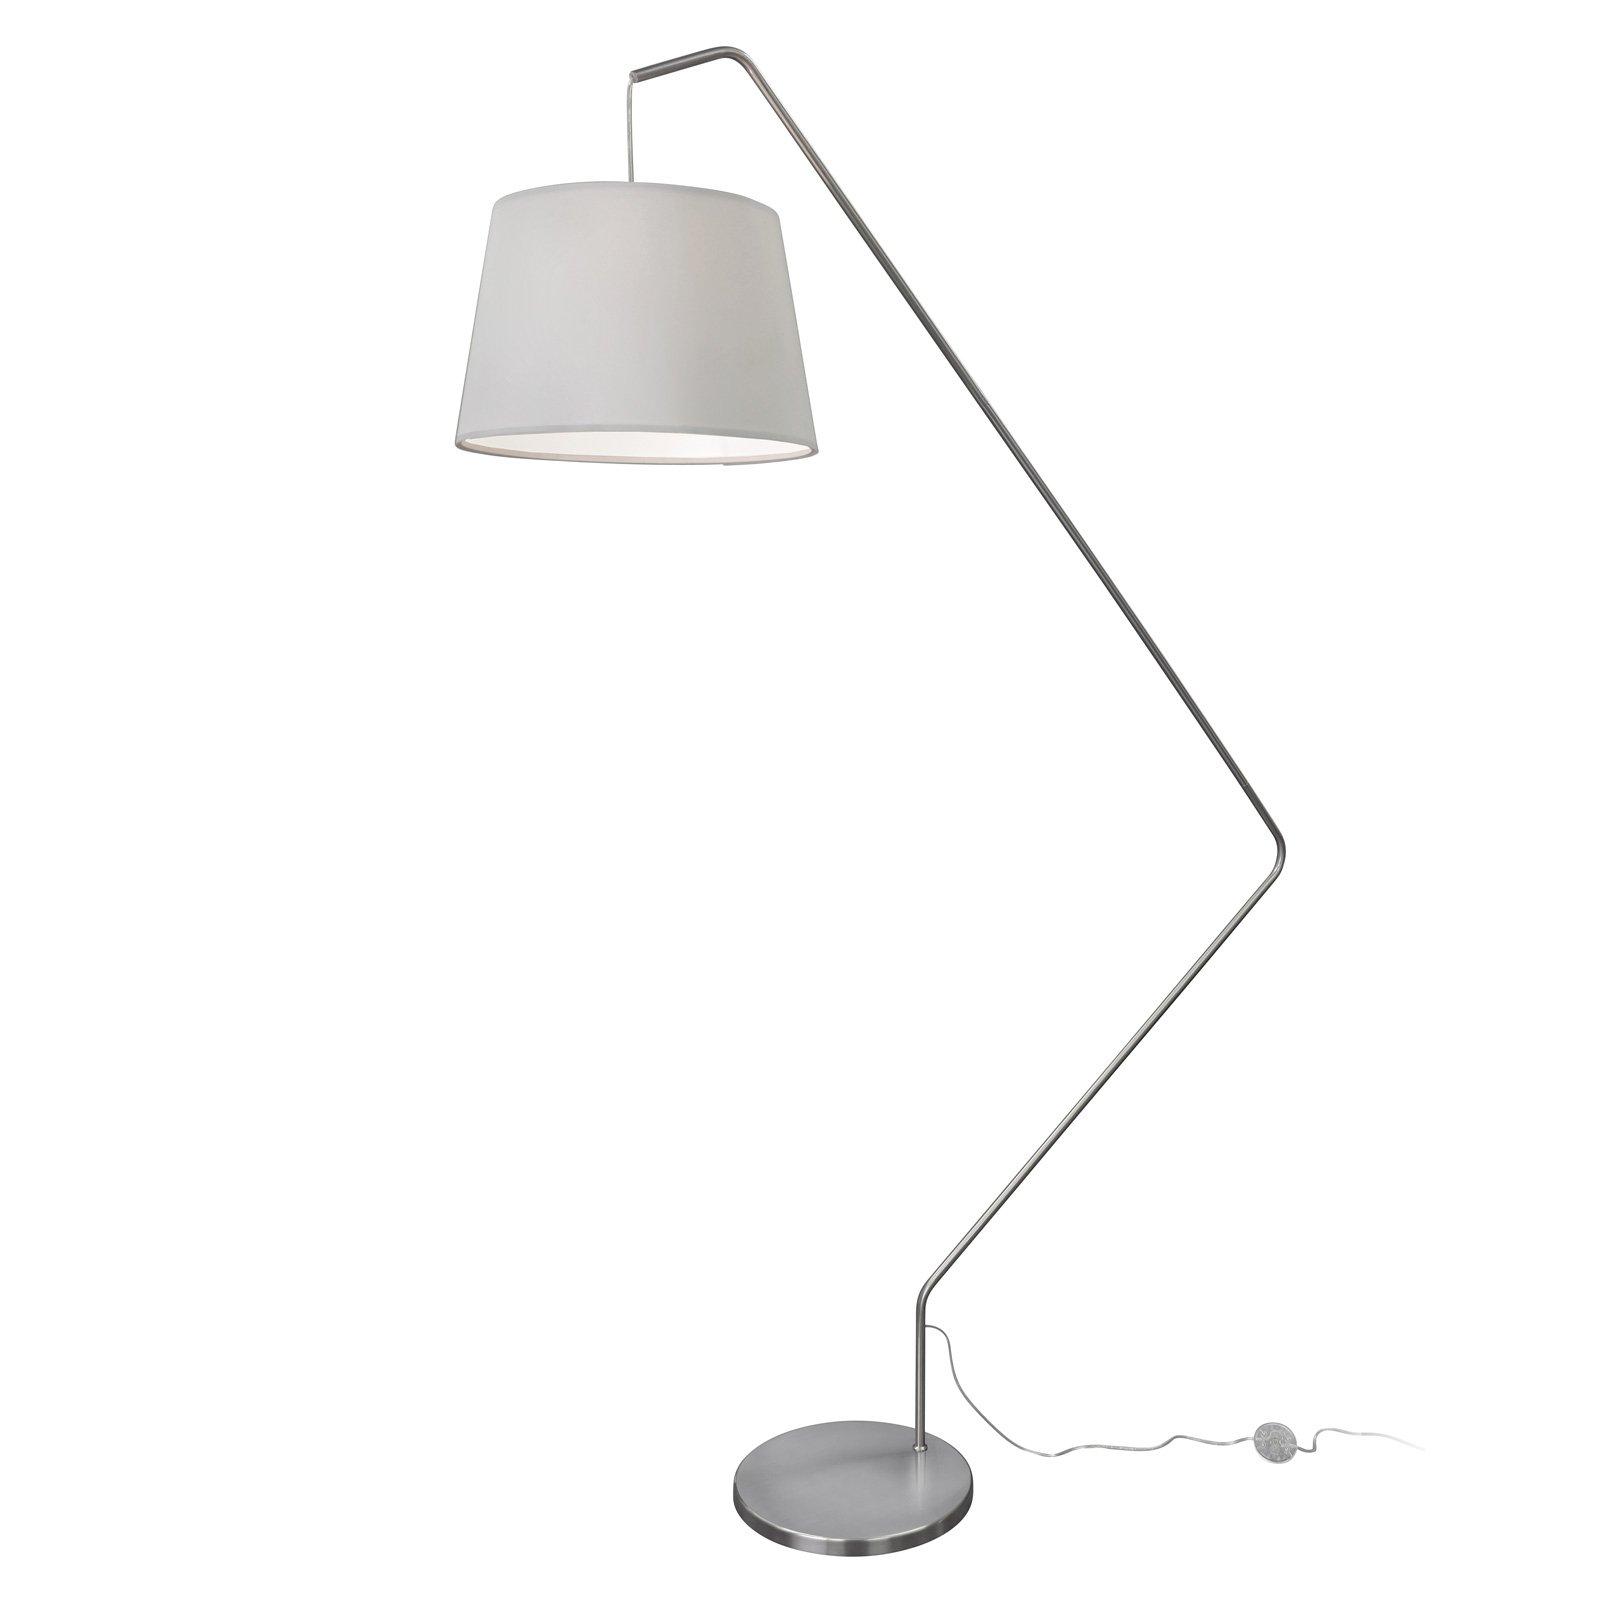 Villeroy & Boch Dublin gulvlampe i hvit